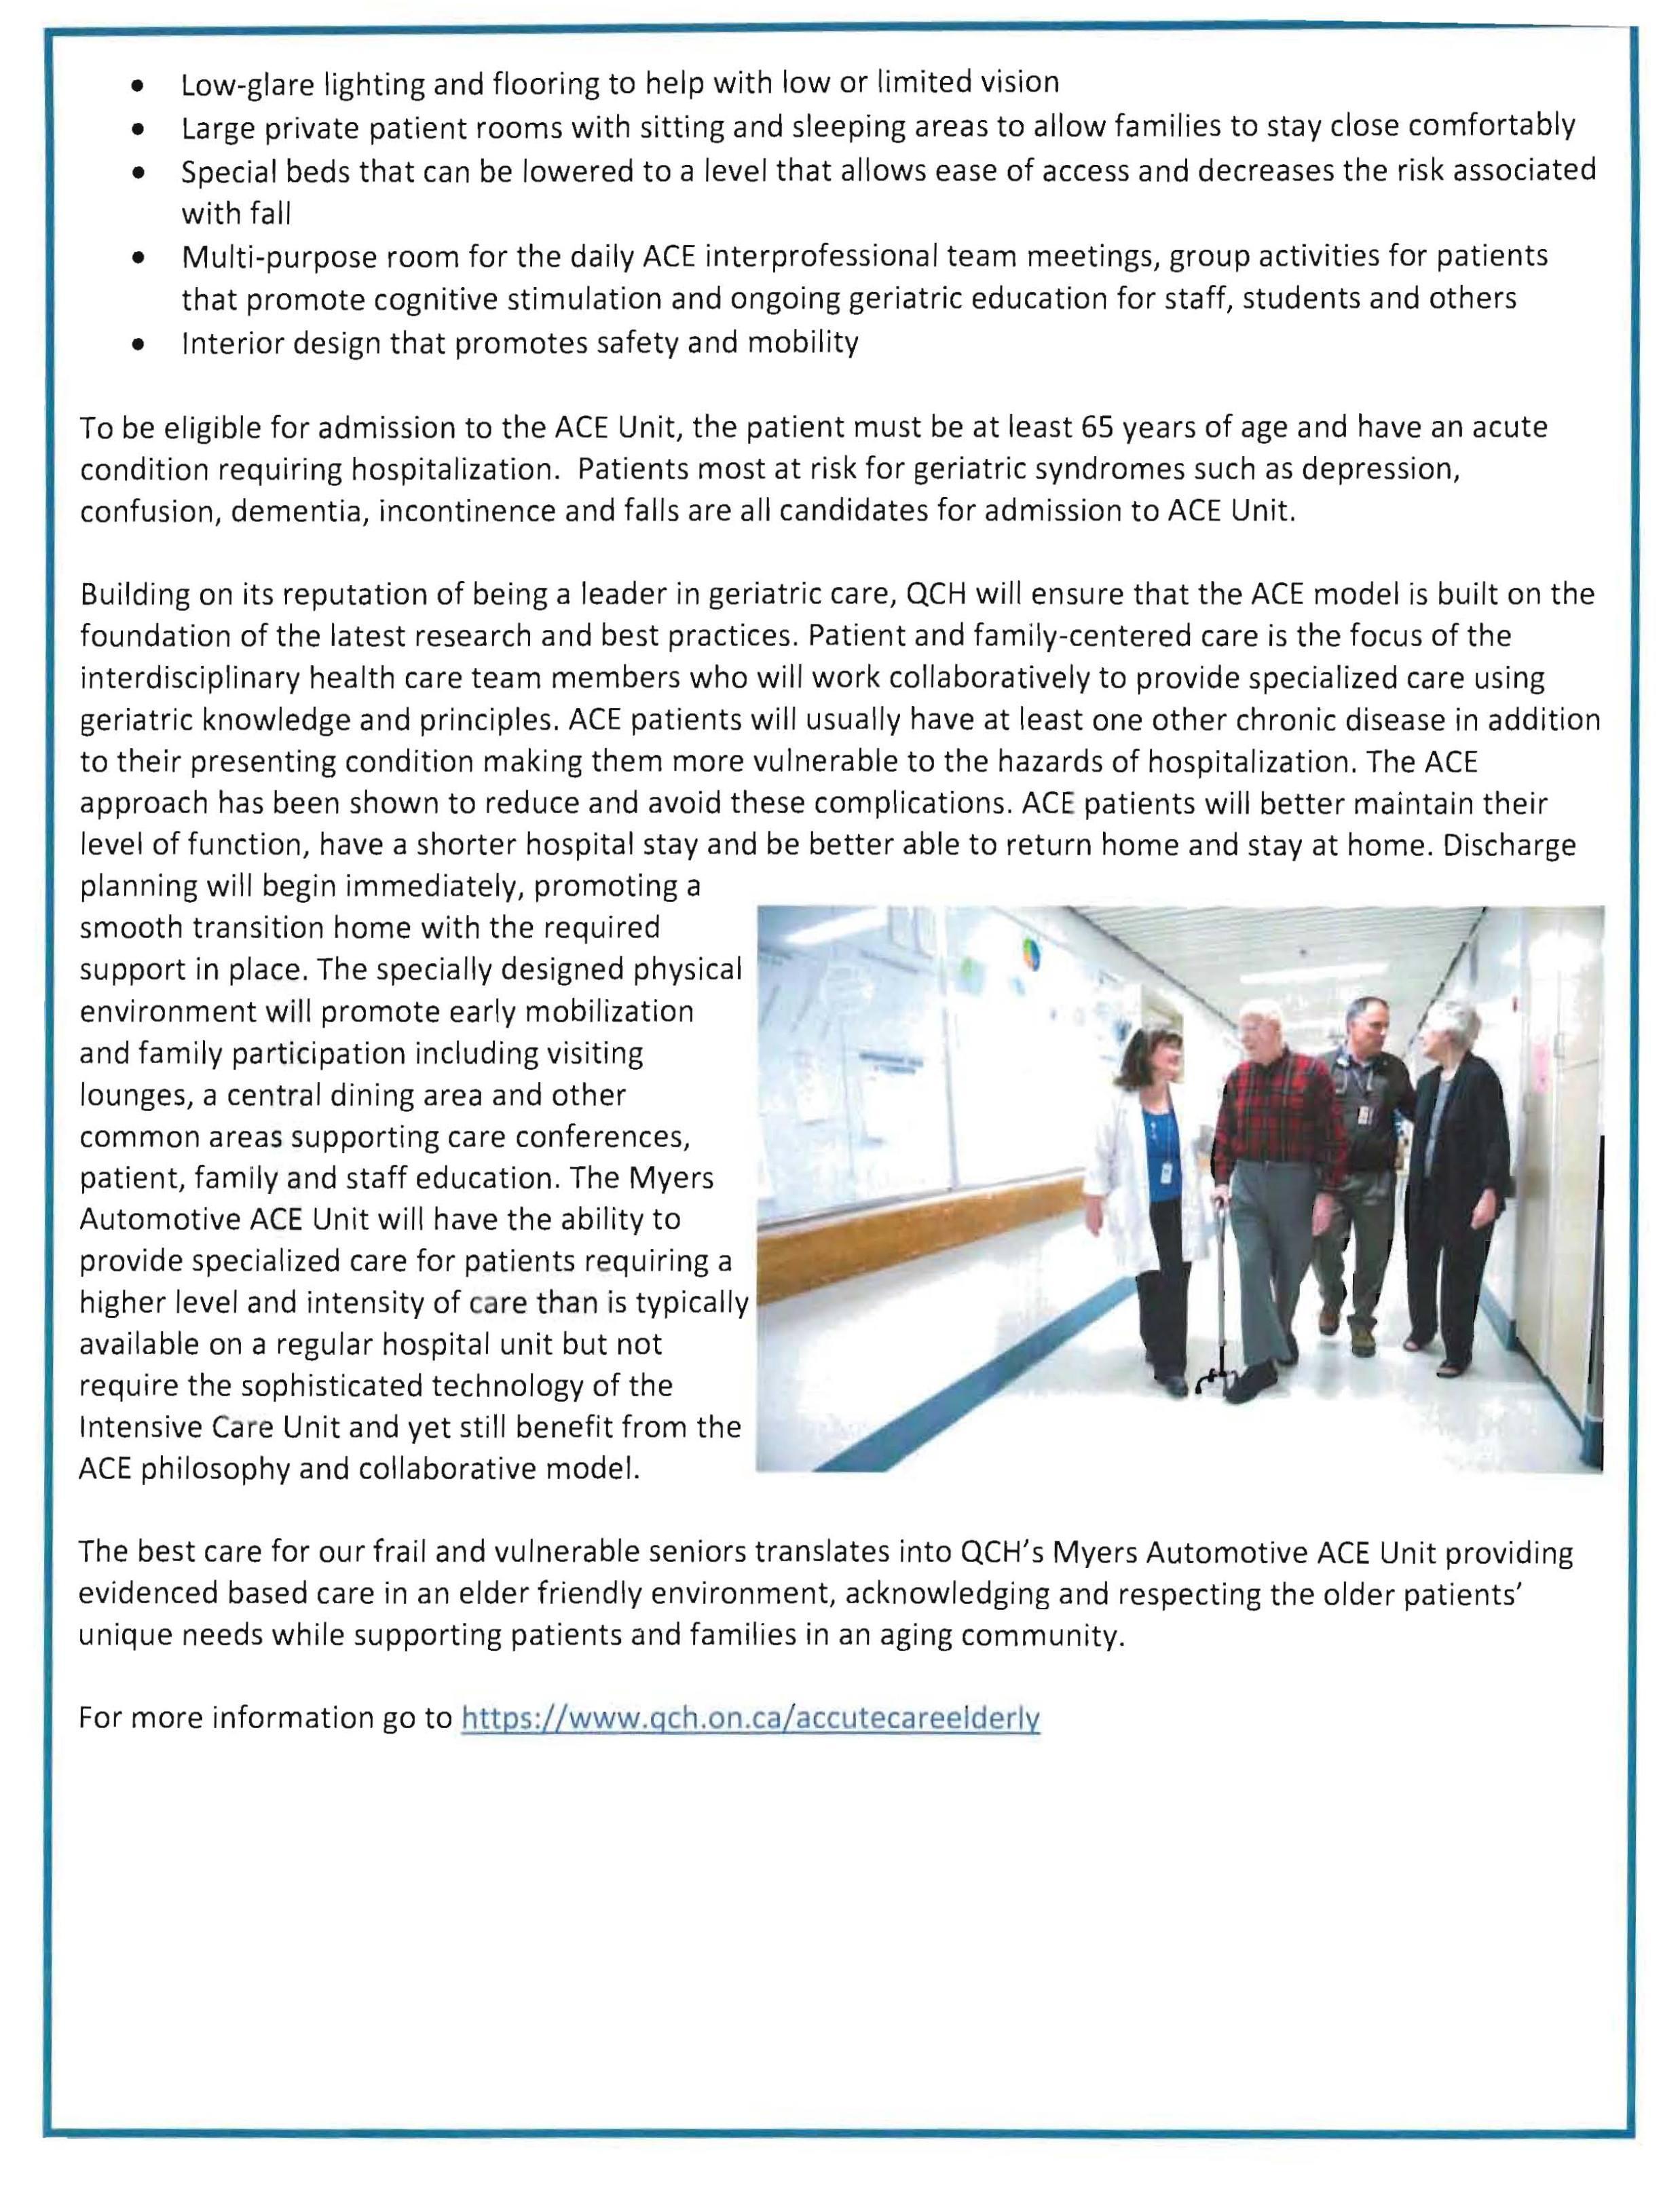 QCH - Myers Automotive ACE Unit Announcement - Oct 14 2016-2.jpg